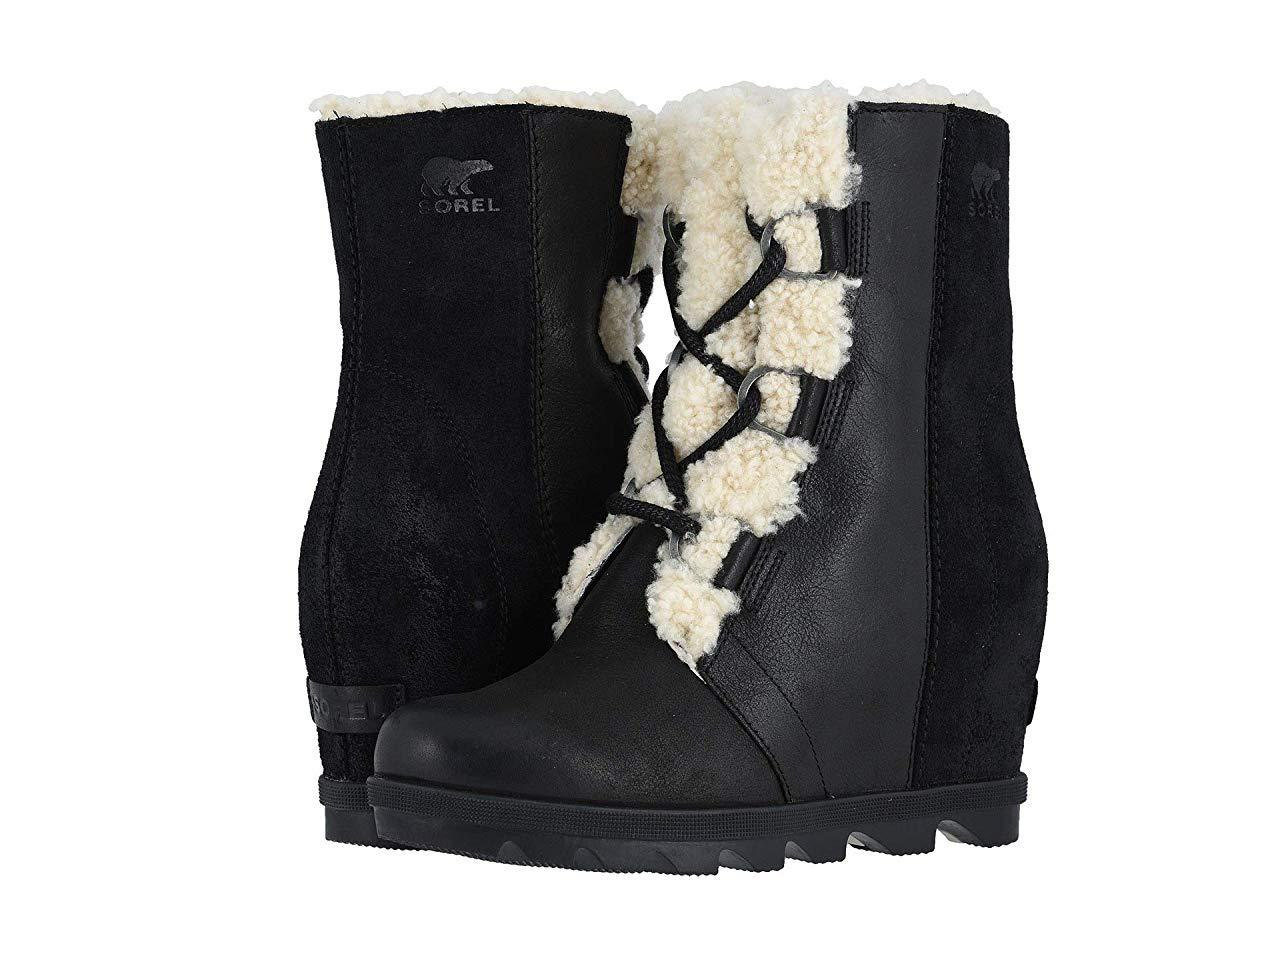 Ботинки/Сапоги (Оригинал) SOREL Joan of Arctic™ Wedge II Shearling Black